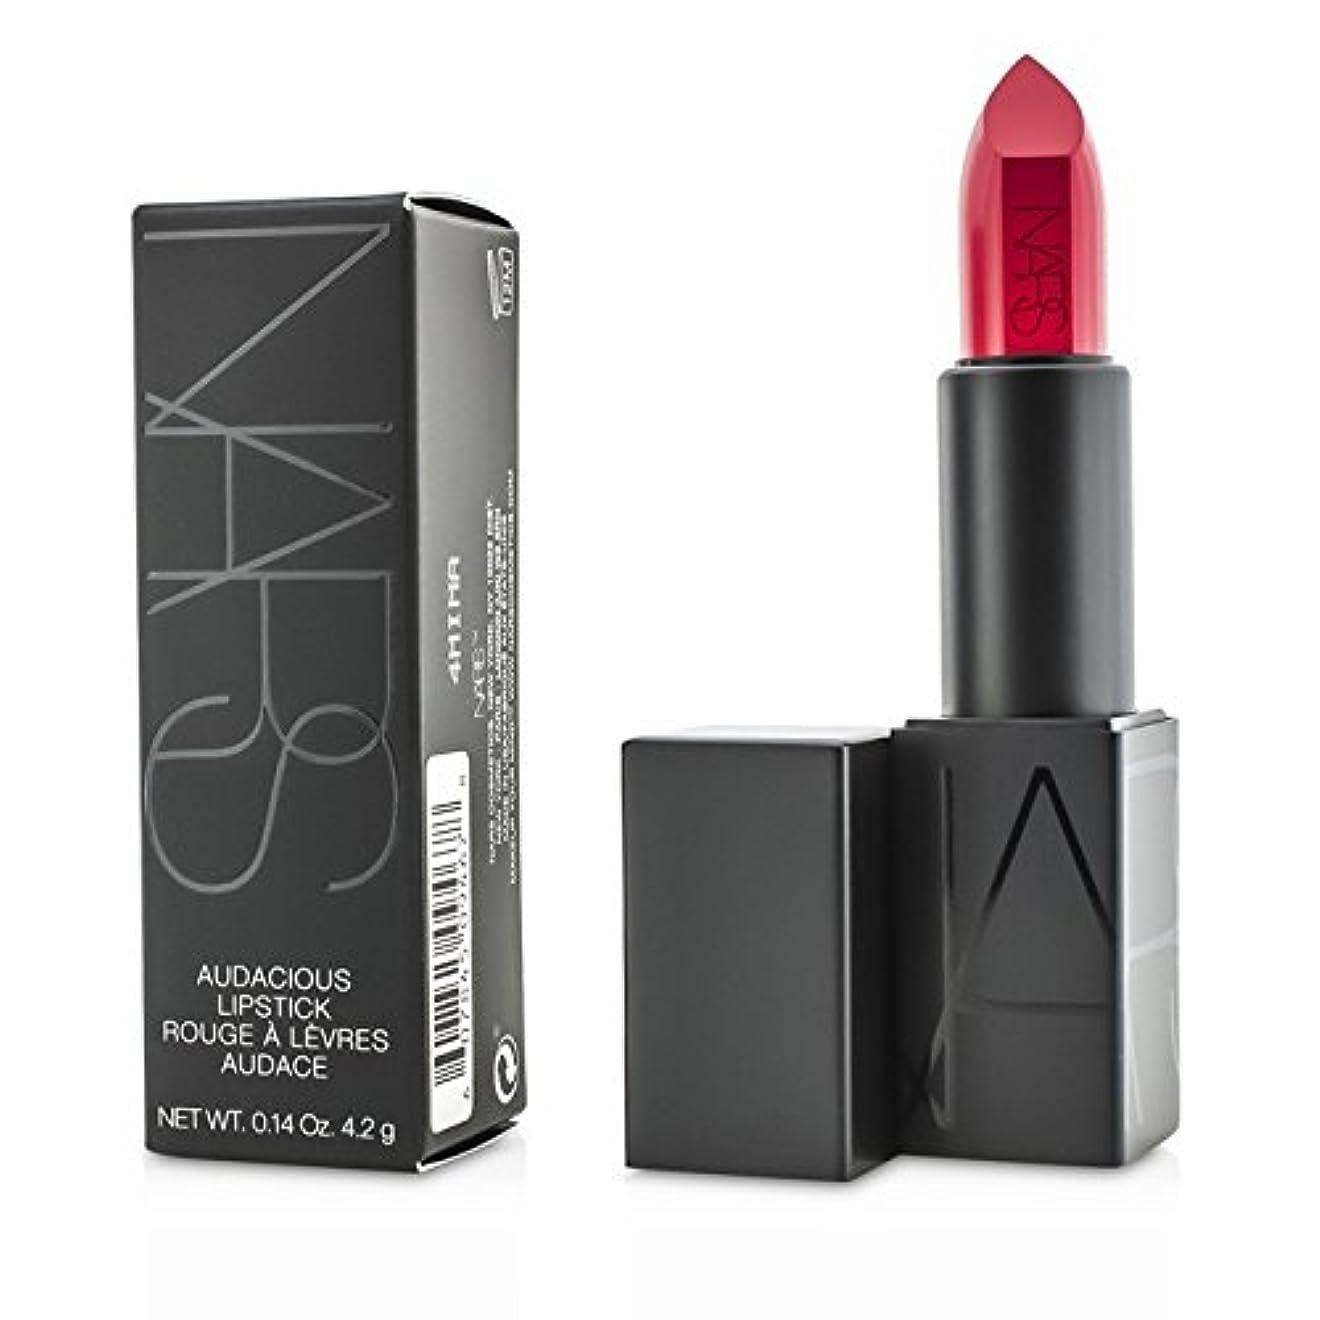 パケットハンディキャップリスナーズ Audacious Lipstick - Natalie 4.2g/0.14oz並行輸入品